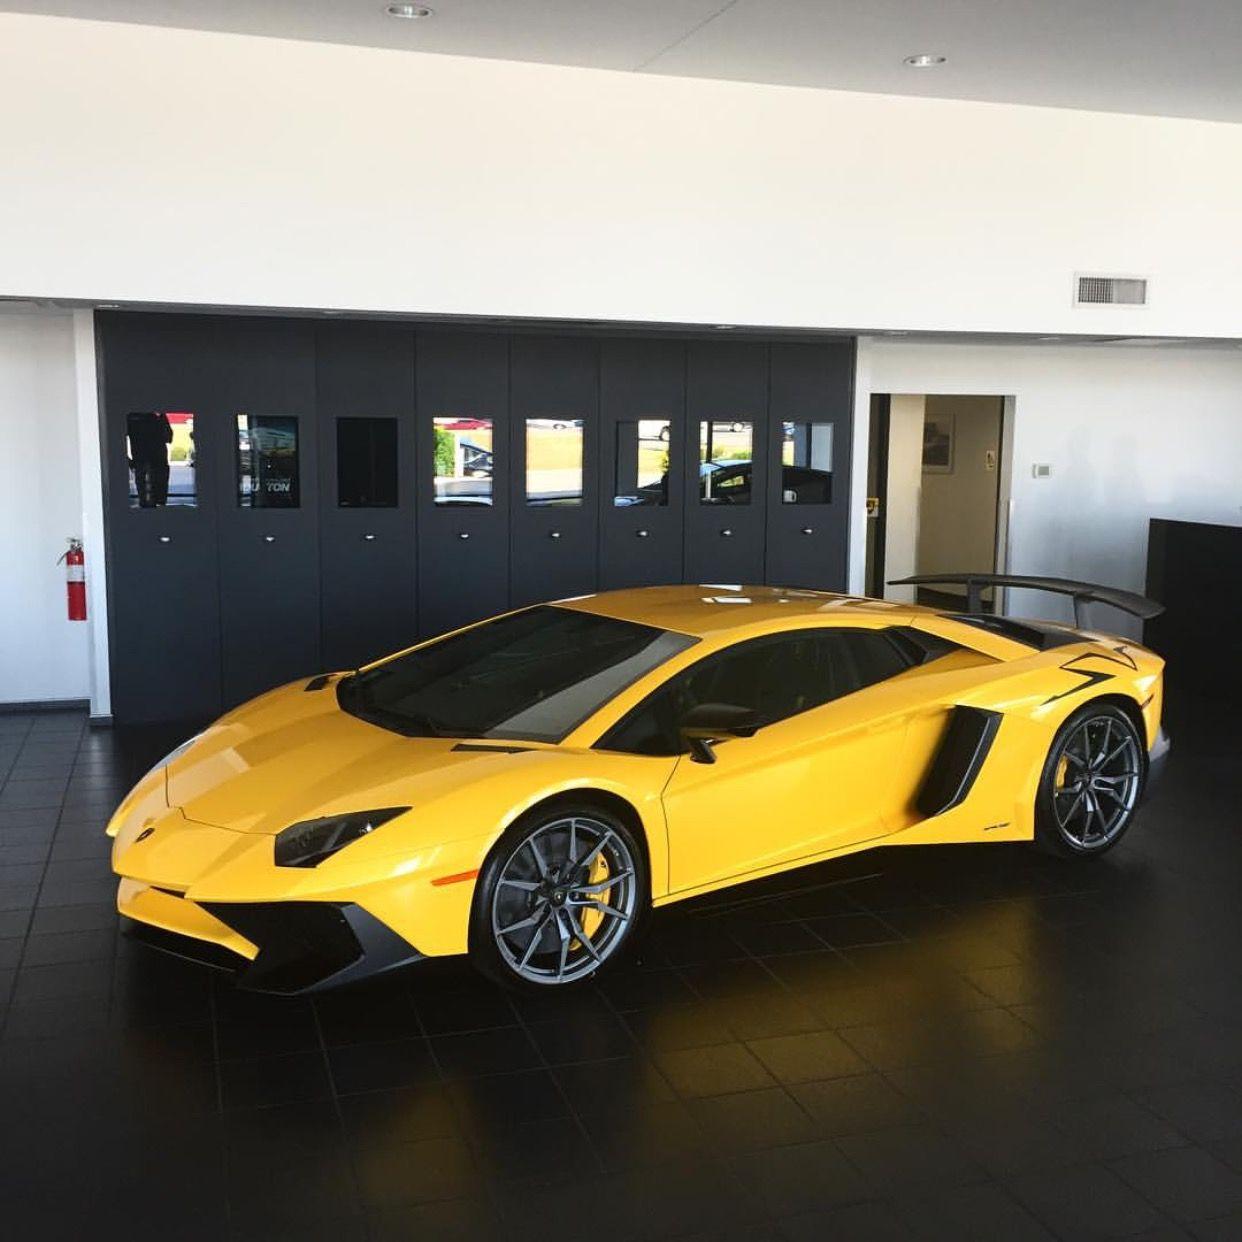 Lamborghini Supercar: Lamborghini Aventador Super Veloce Coupe Painted In Giallo